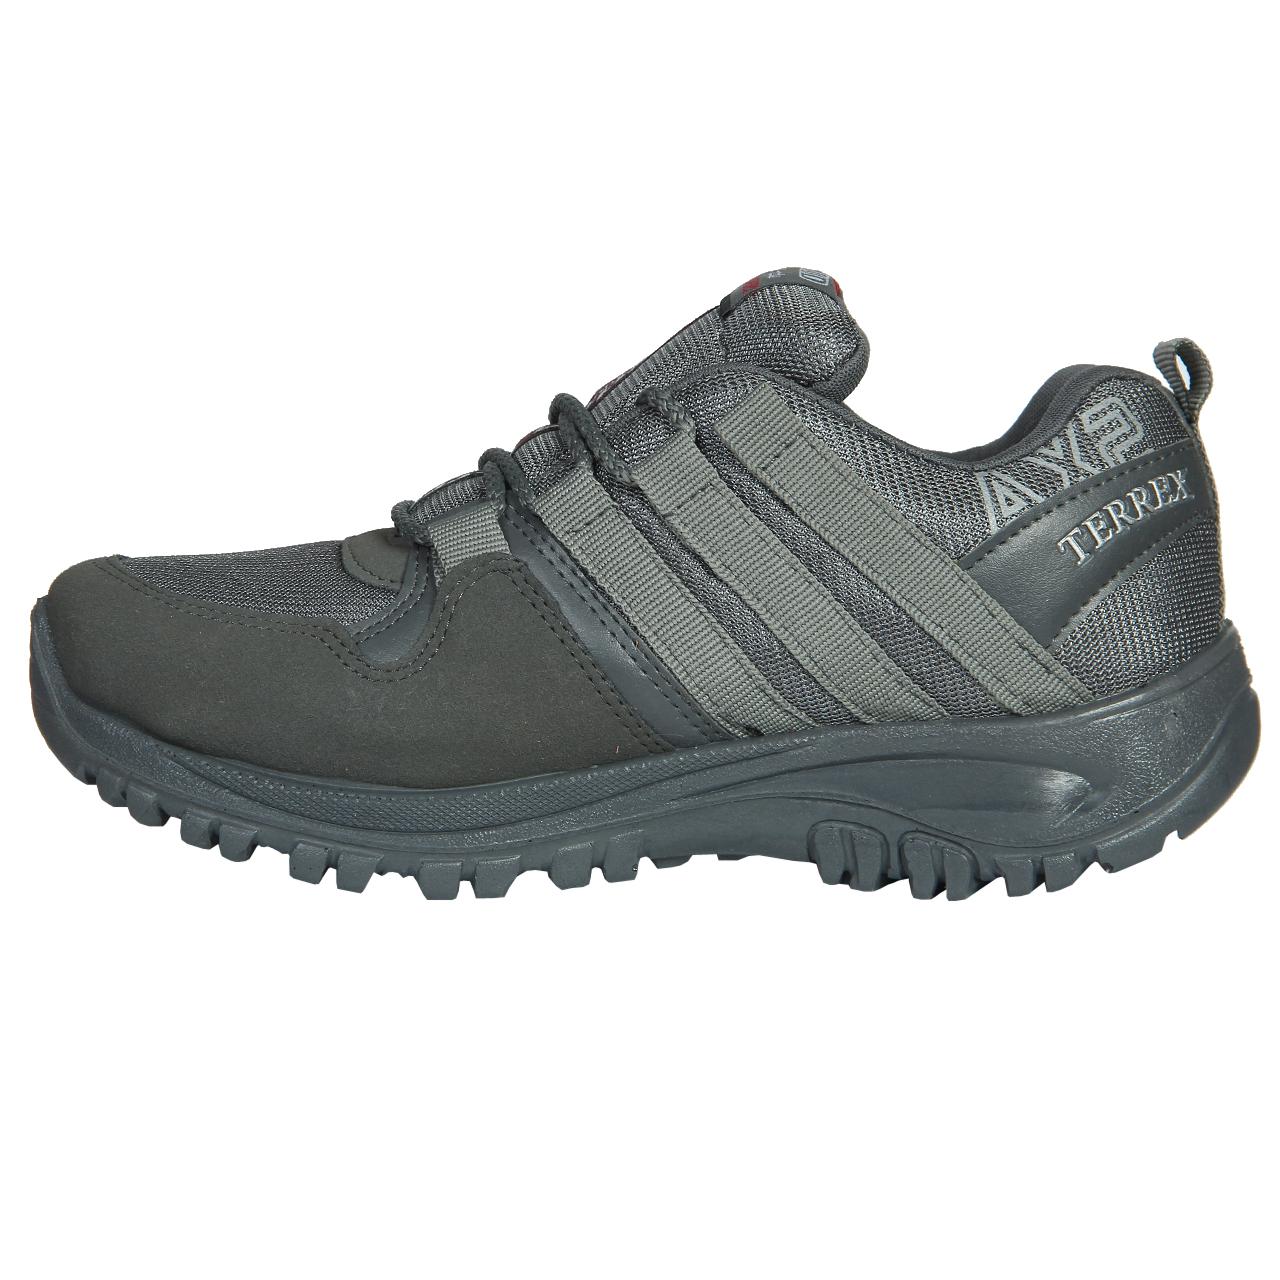 کفش پیاده روی مردانه مدل ایرمکس کد 8202